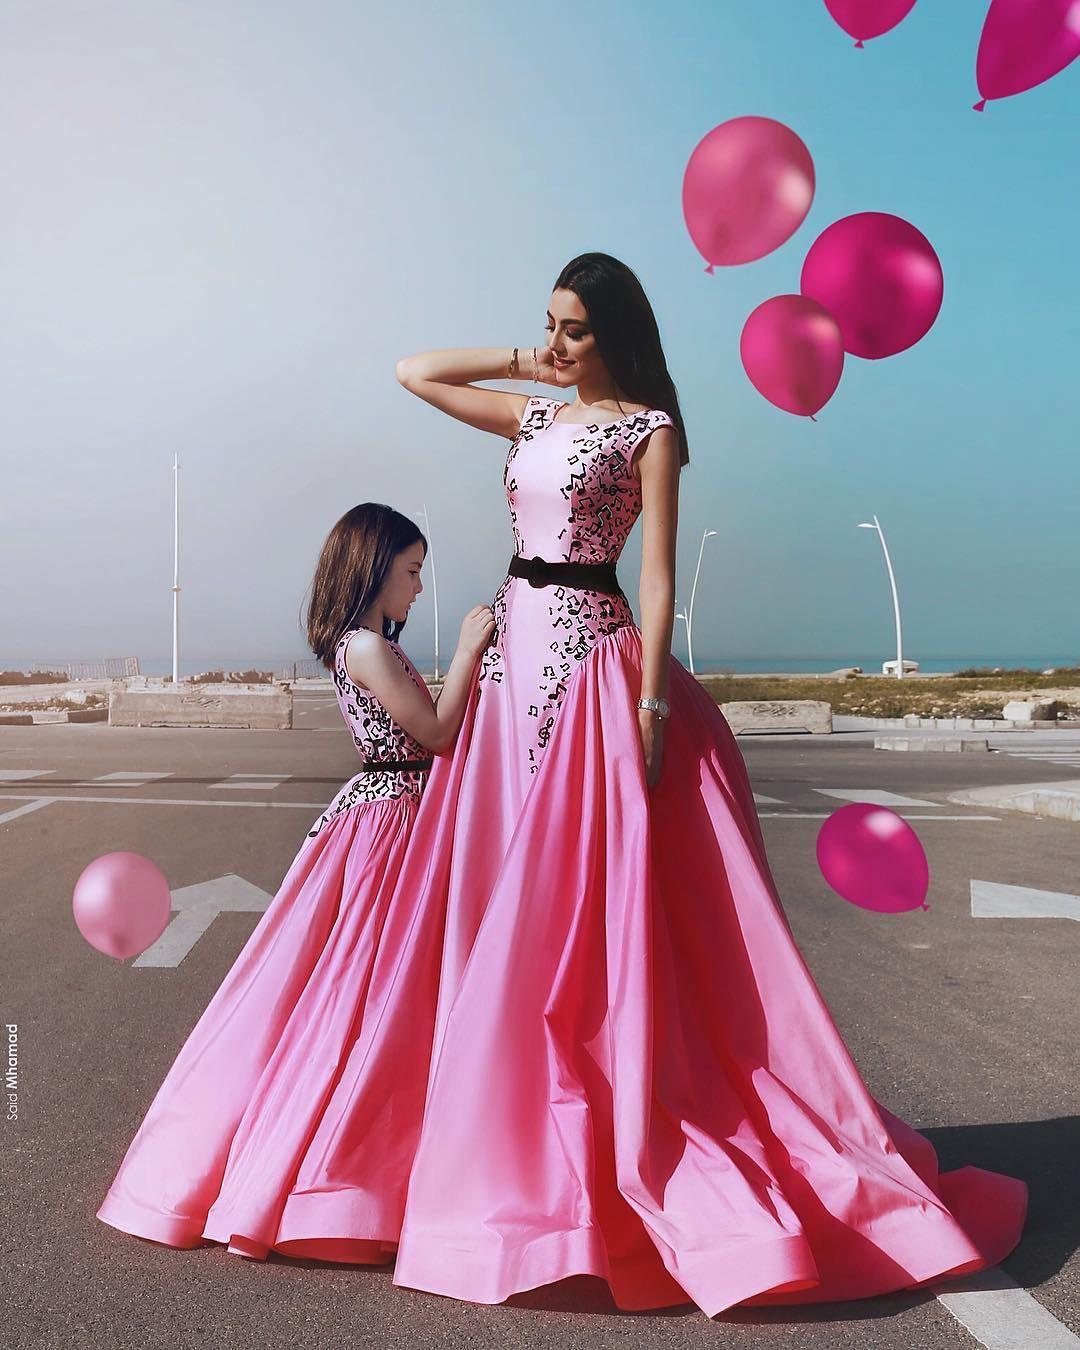 Pin de maricarmen fernandez en Vestidos igual | Pinterest | Hijos ...